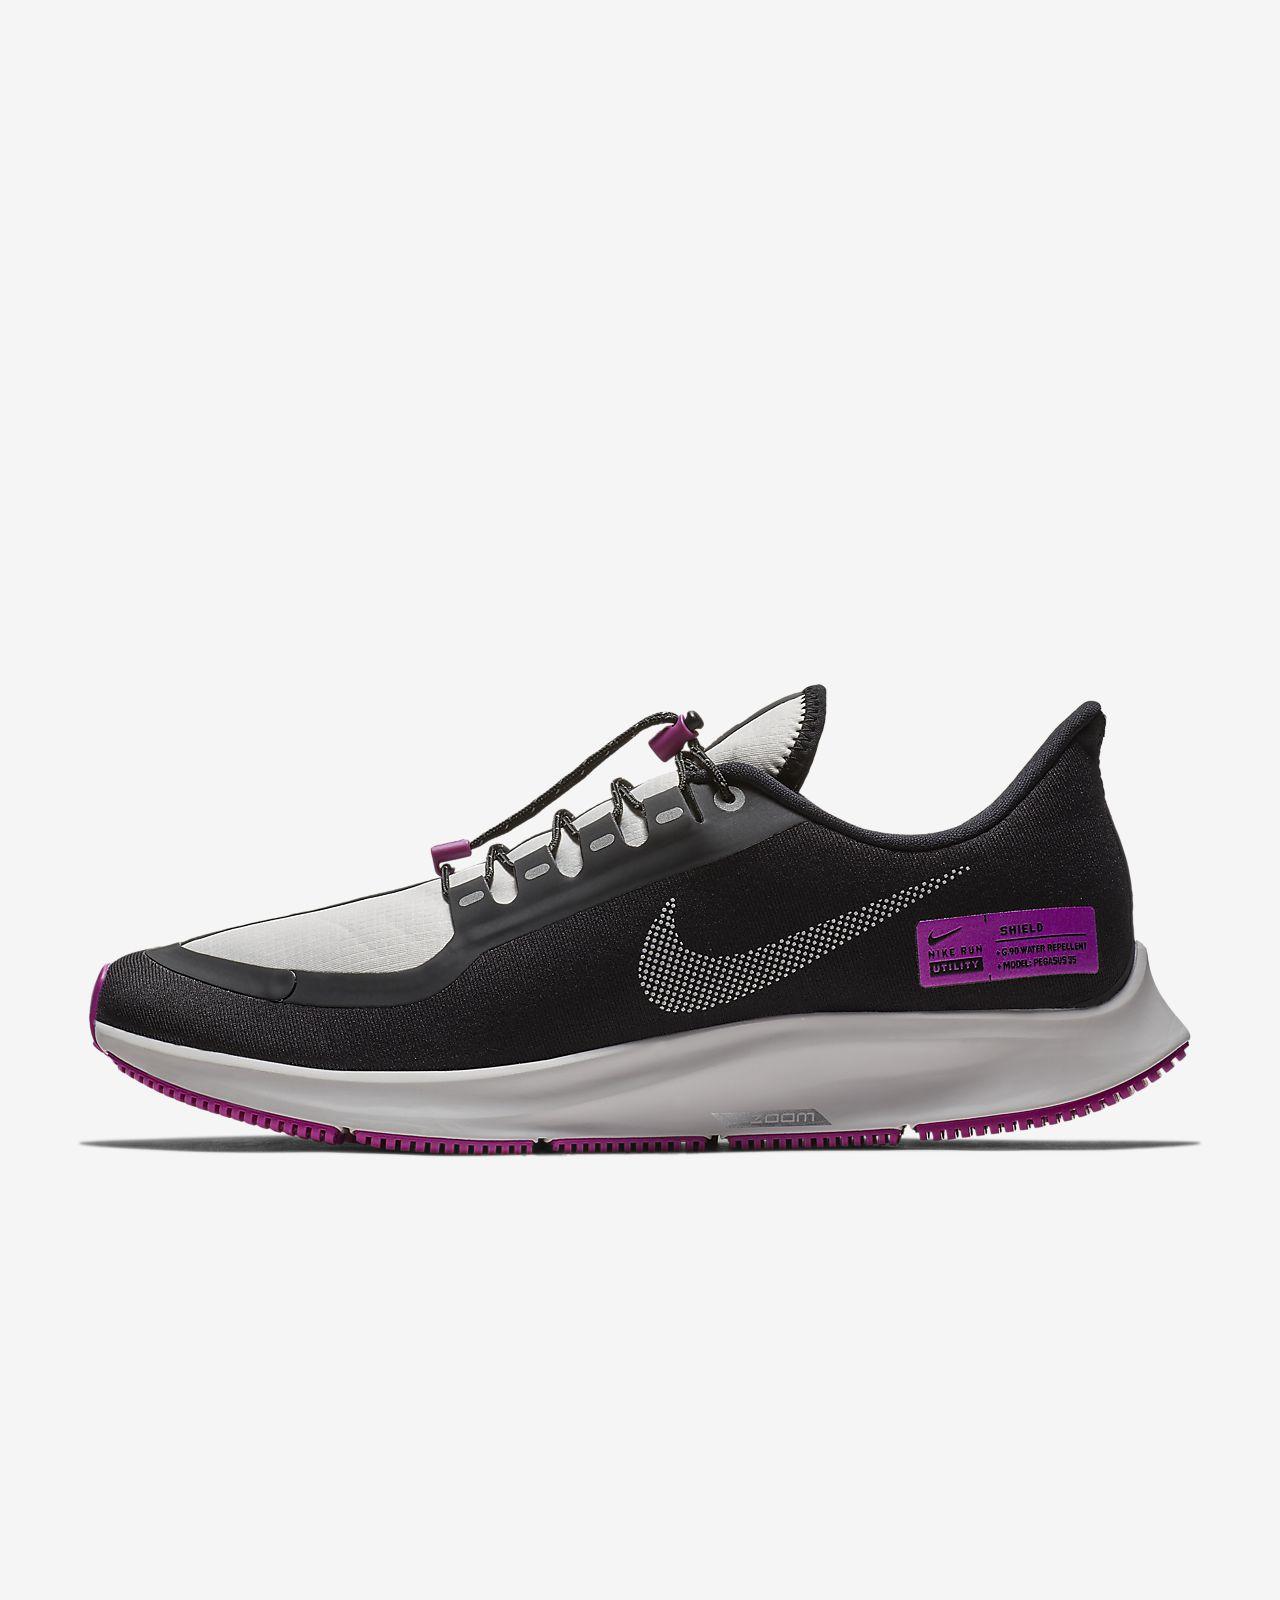 90213bb24501 Men s Running Shoe. Nike Air Zoom Pegasus 35 Shield NRG Water-Repellent